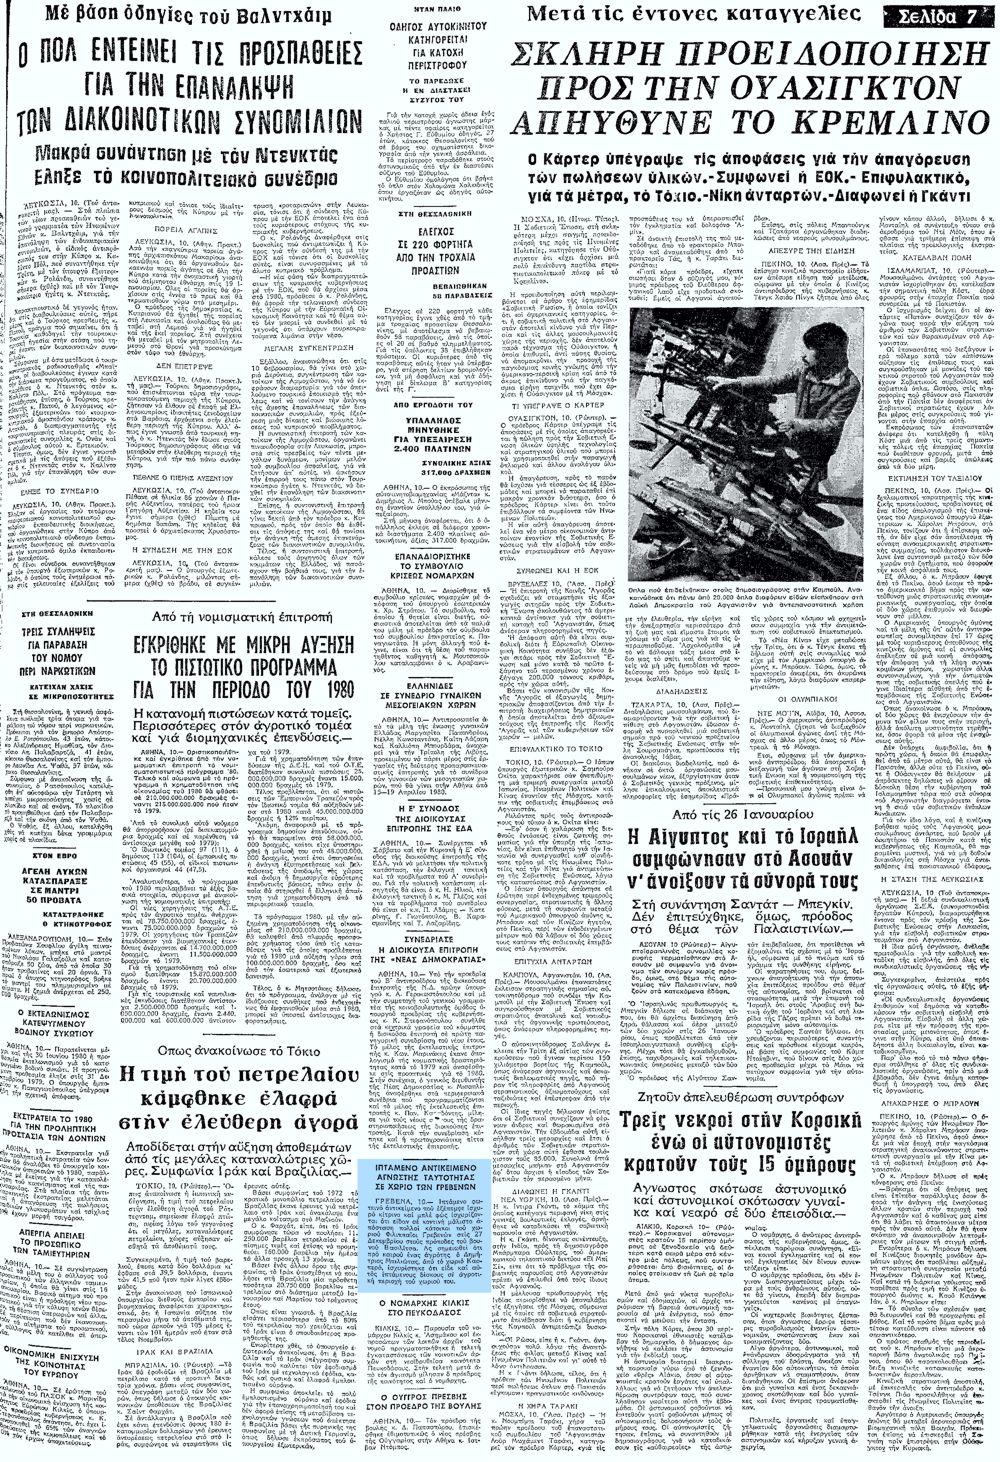 """Το άρθρο, όπως δημοσιεύθηκε στην εφημερίδα """"ΜΑΚΕΔΟΝΙΑ"""", στις 11/01/1980"""